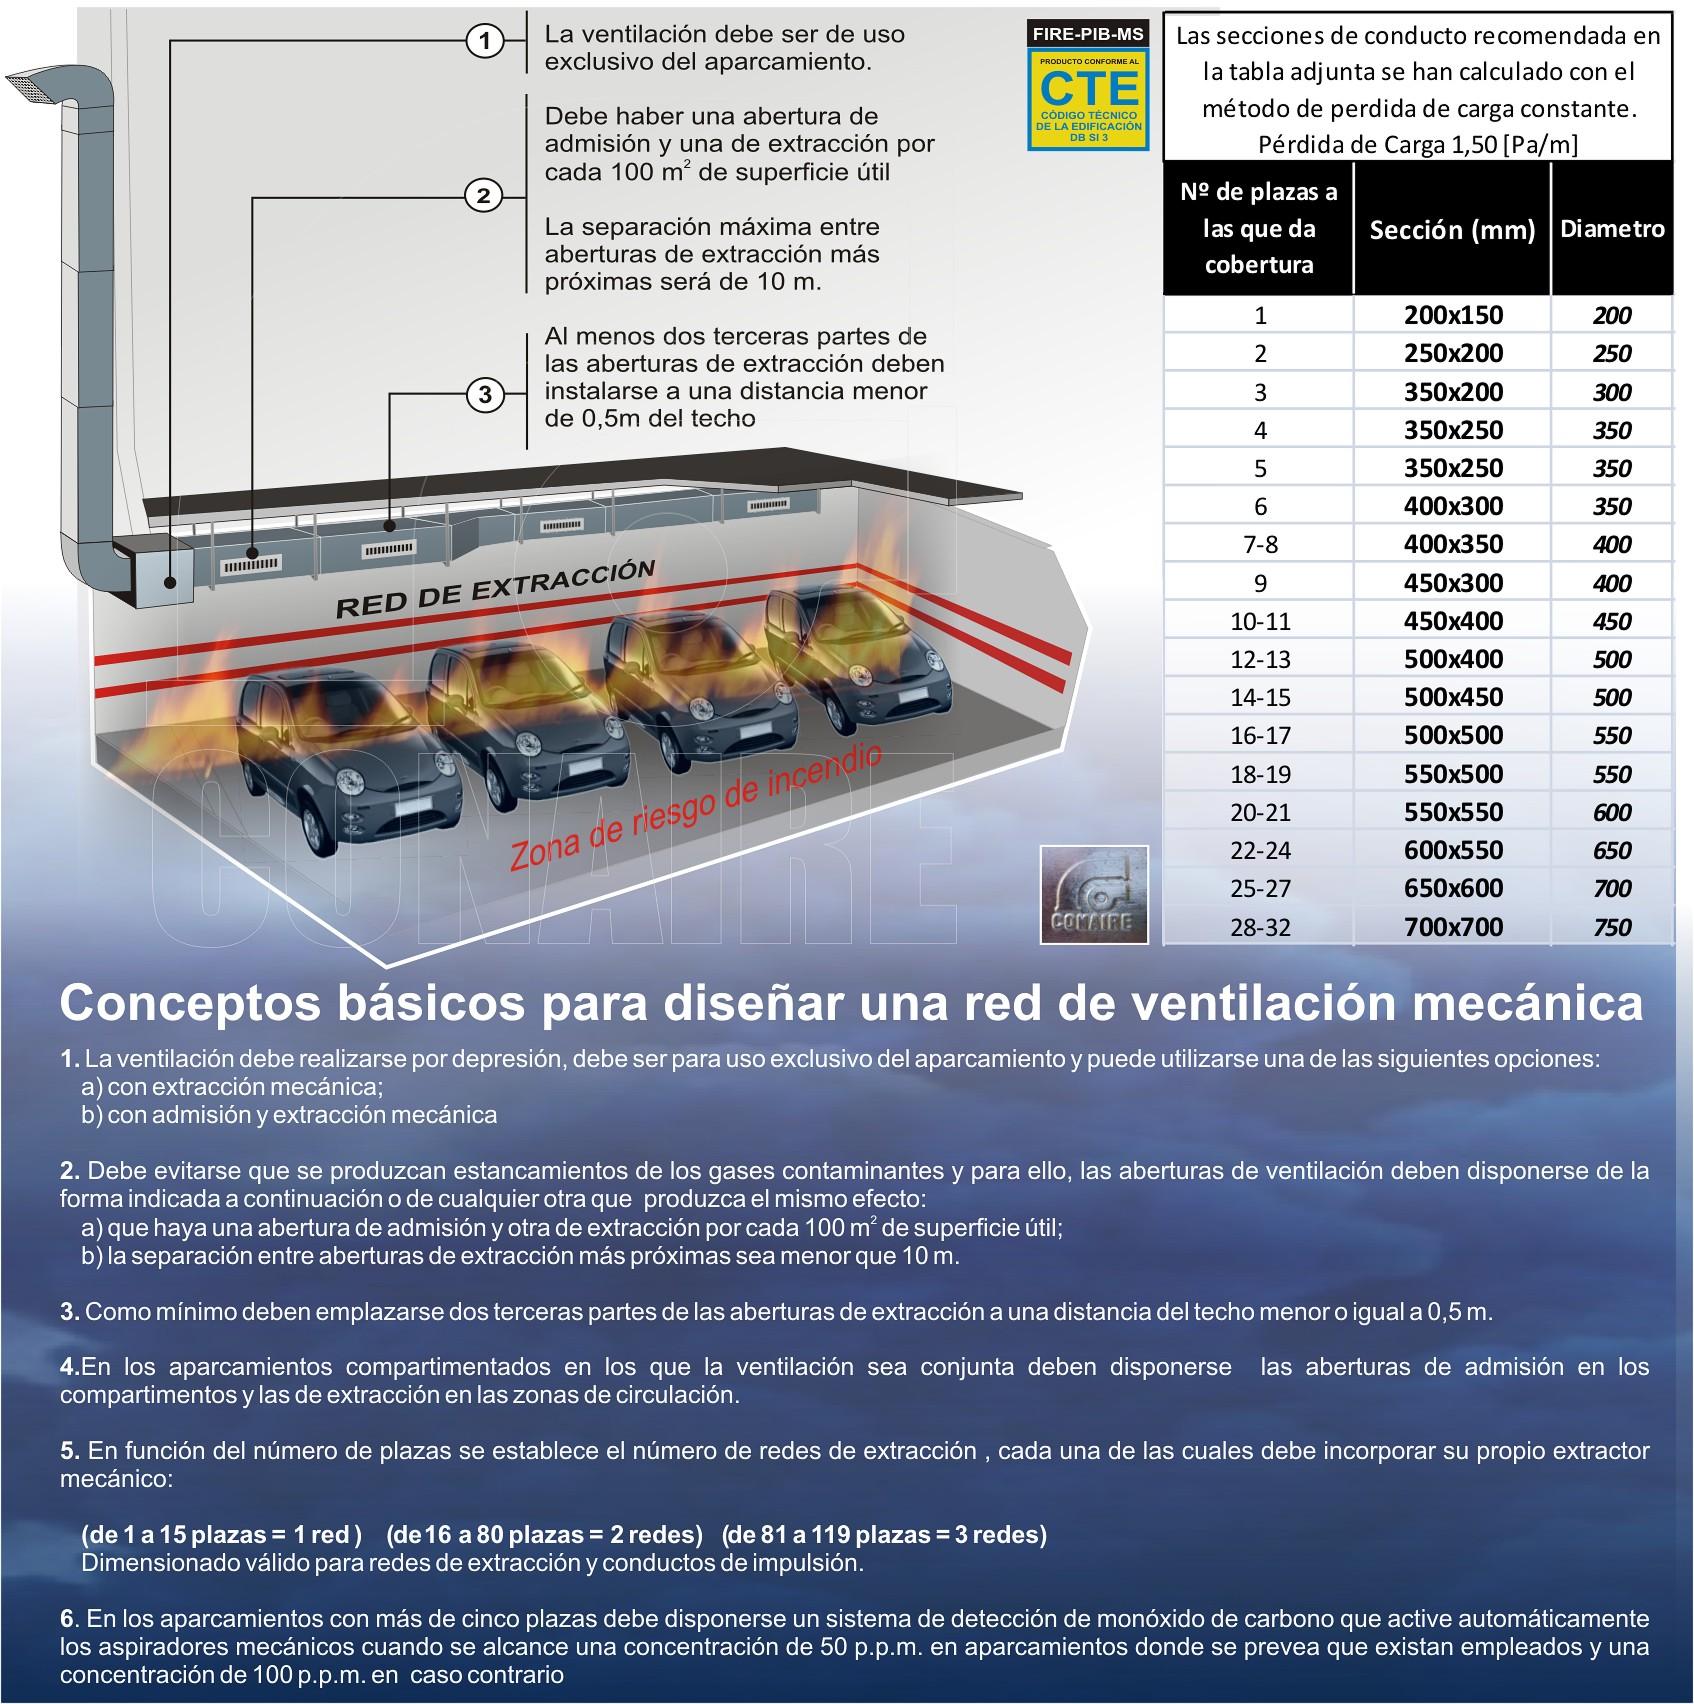 esquema red de extracción garajes-CONAIRE PIB FIRE MS